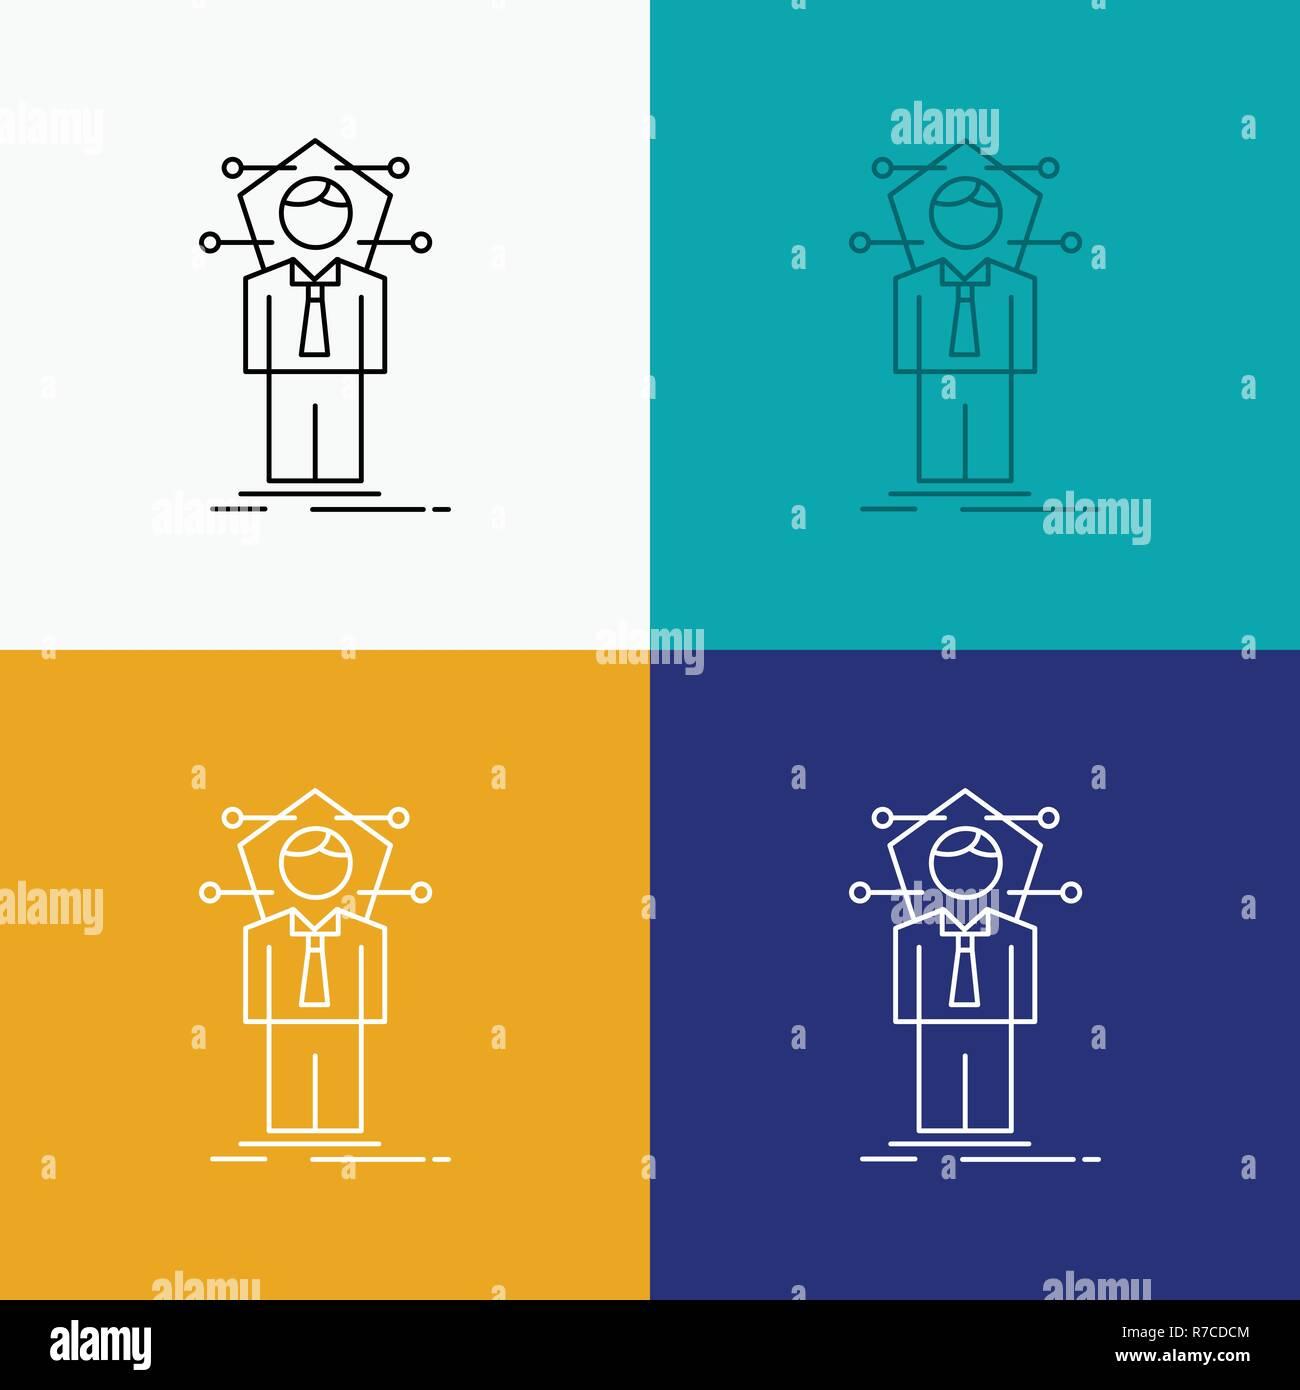 Negocios, conexión humana, red, icono de la solución a través de diversos antecedentes. Diseño de estilo de línea, diseñado para web y app. 10 ilustración vectorial EPS Ilustración del Vector